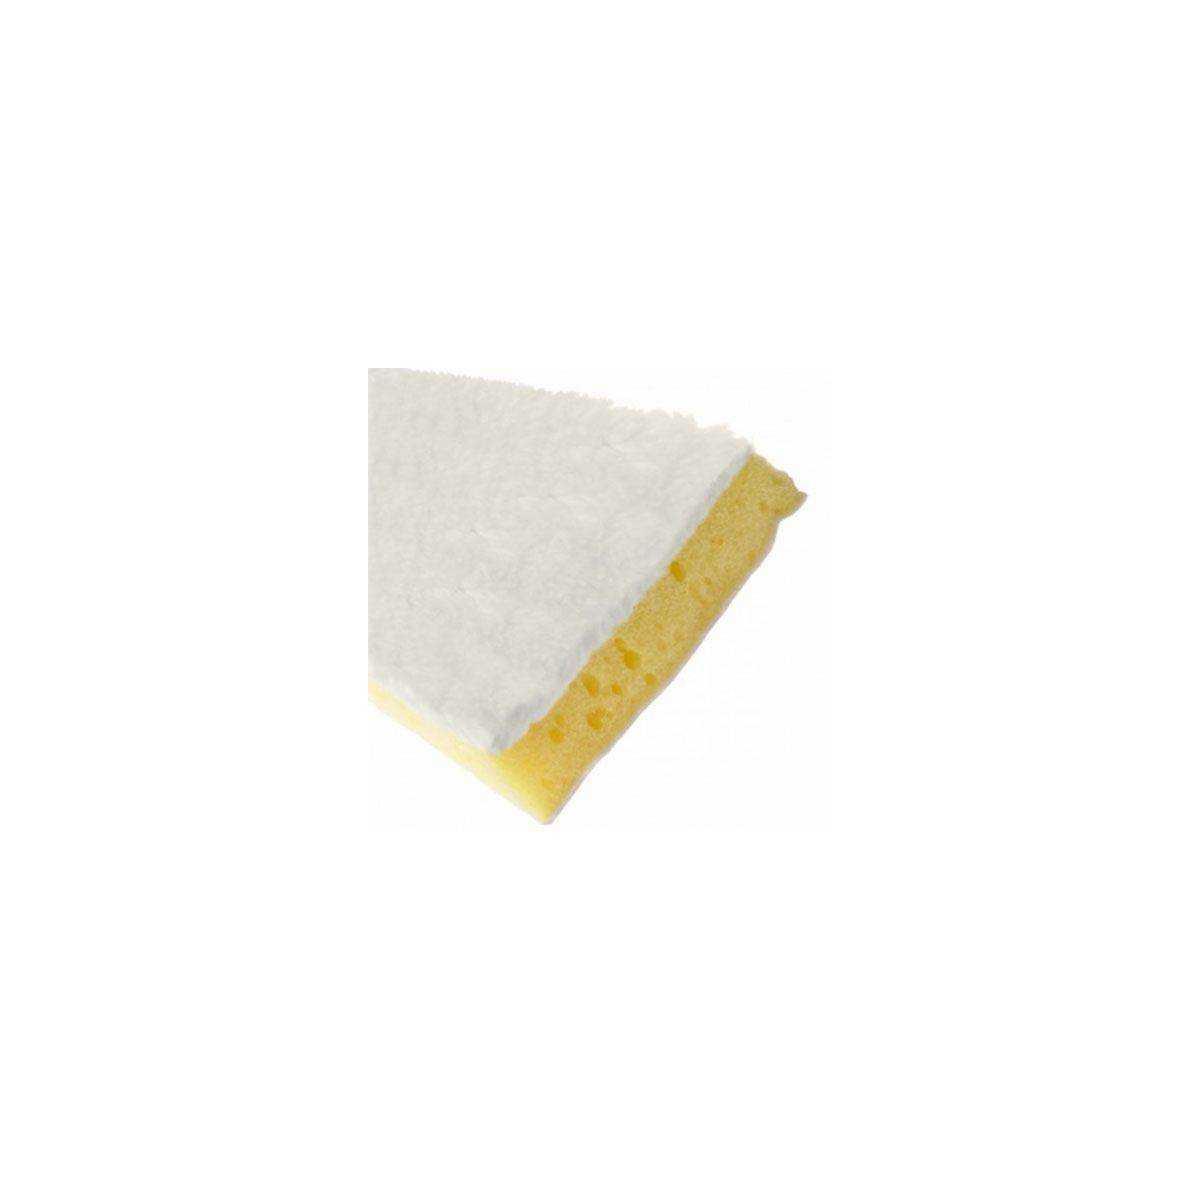 Запаска (моп) швабры Squizzo микрофибра 10196 APEX - Fratelli Re SpA